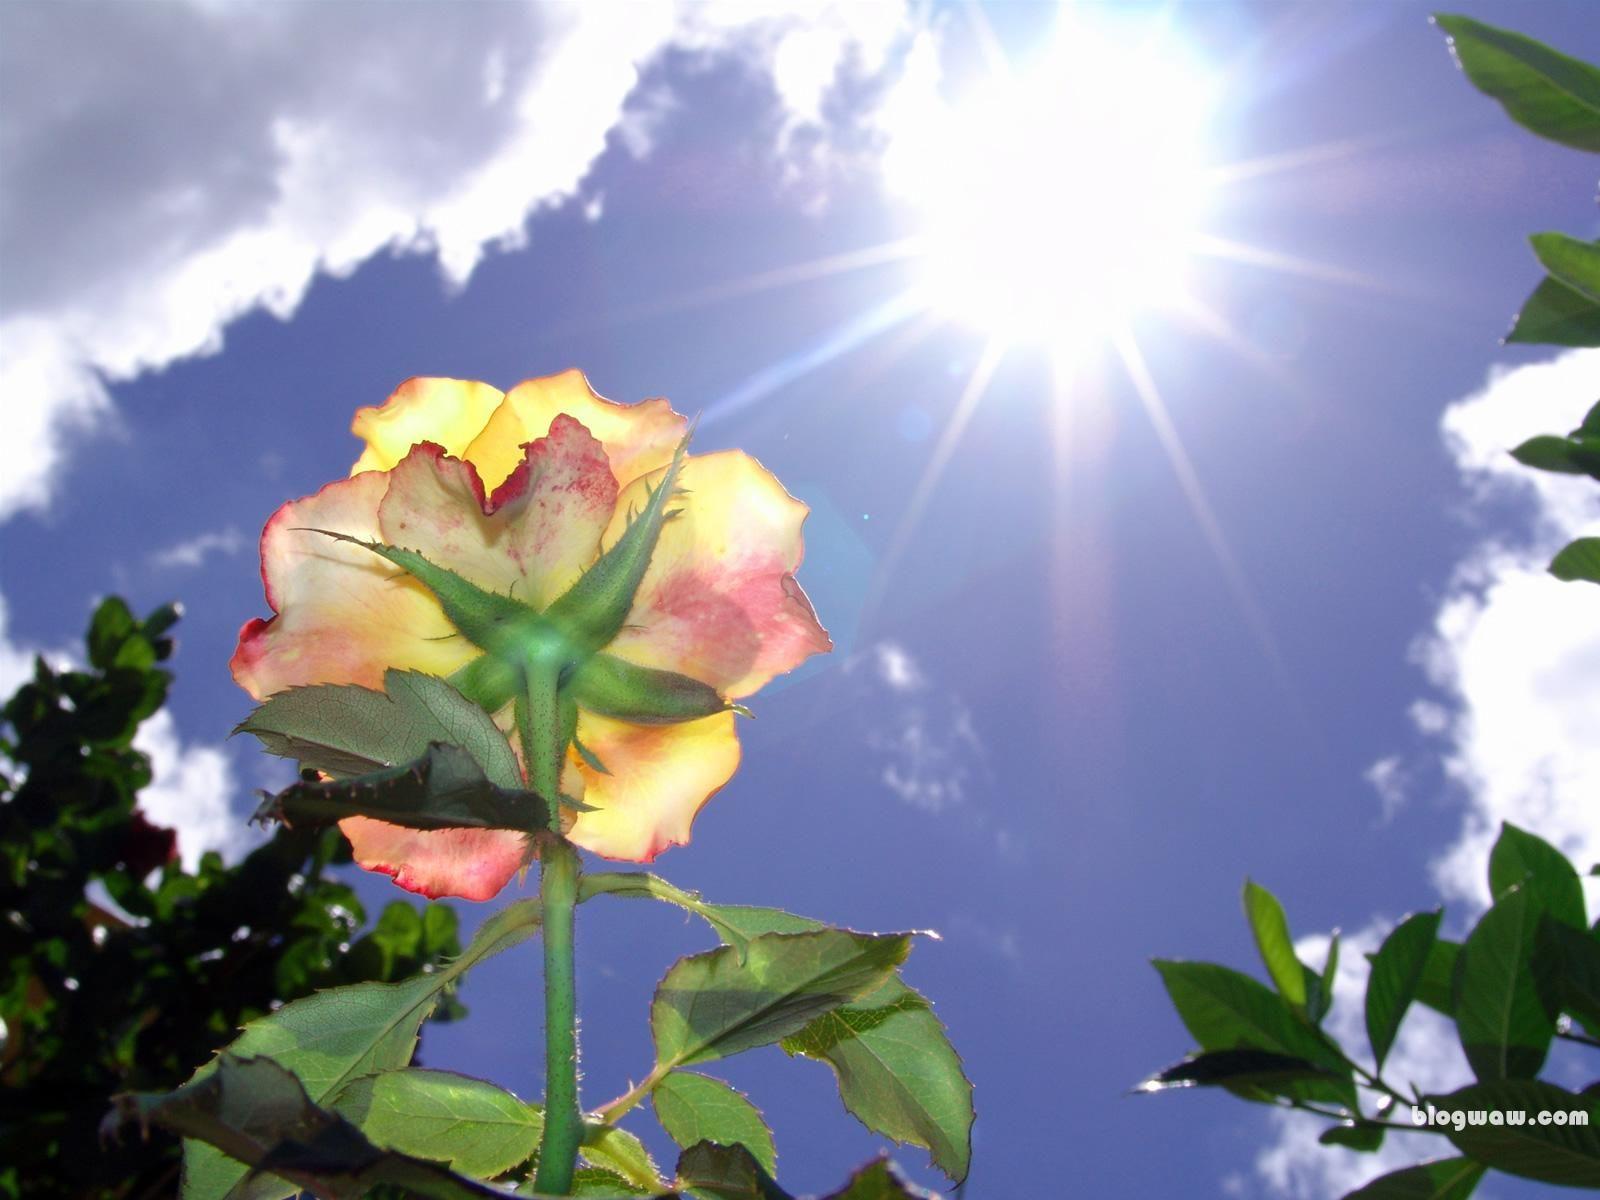 Gül, rose, bulut, güneş, aşk, sun, rosa